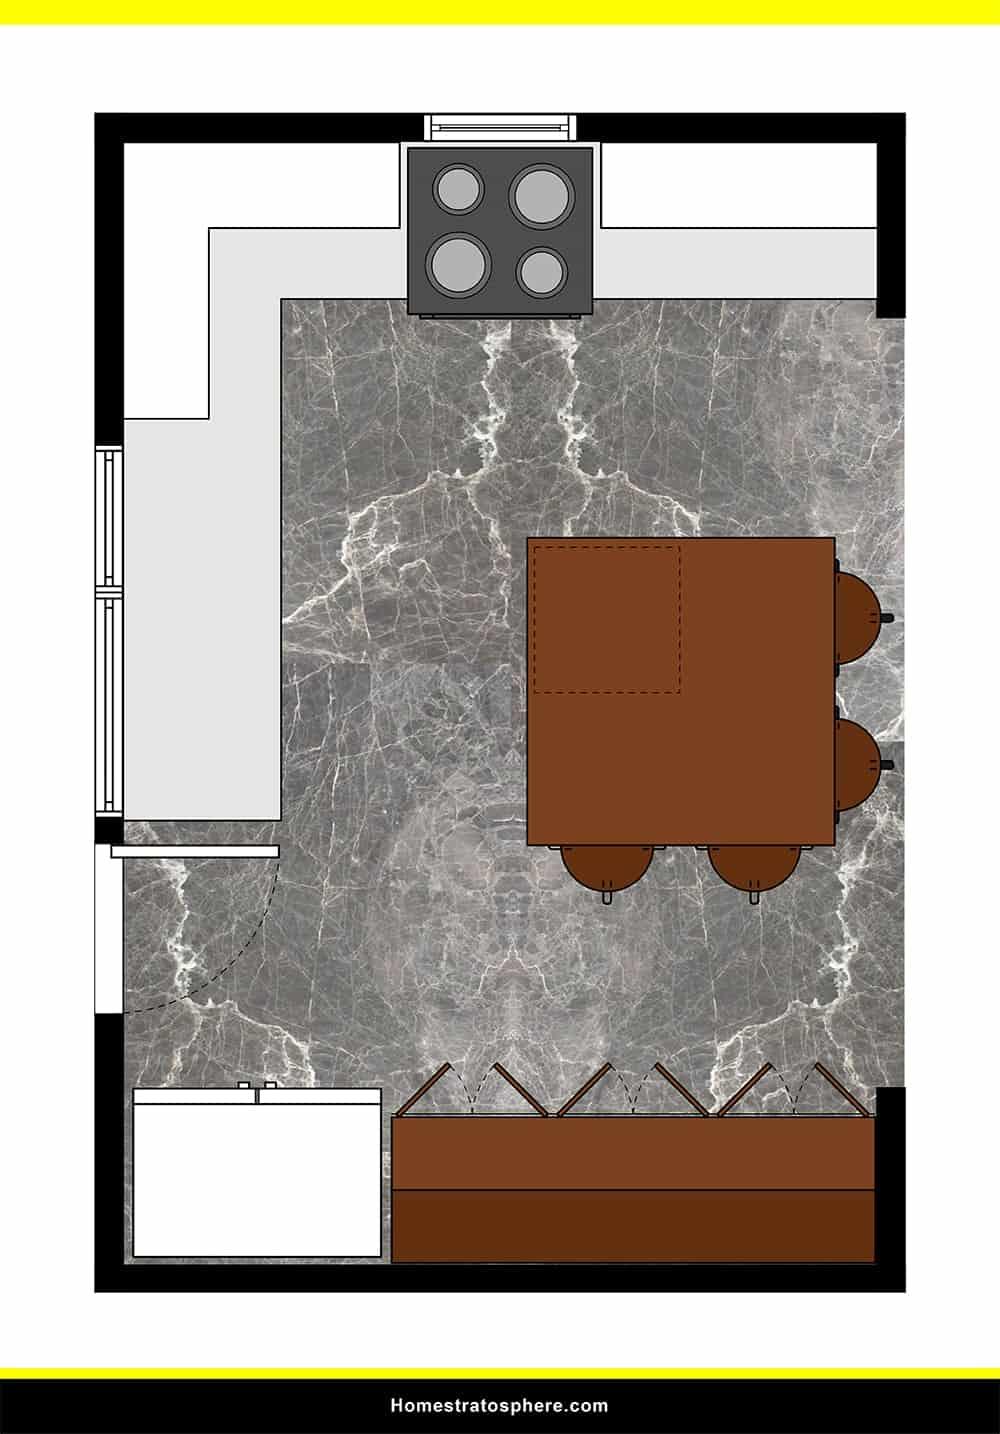 Kitchen 29 layout